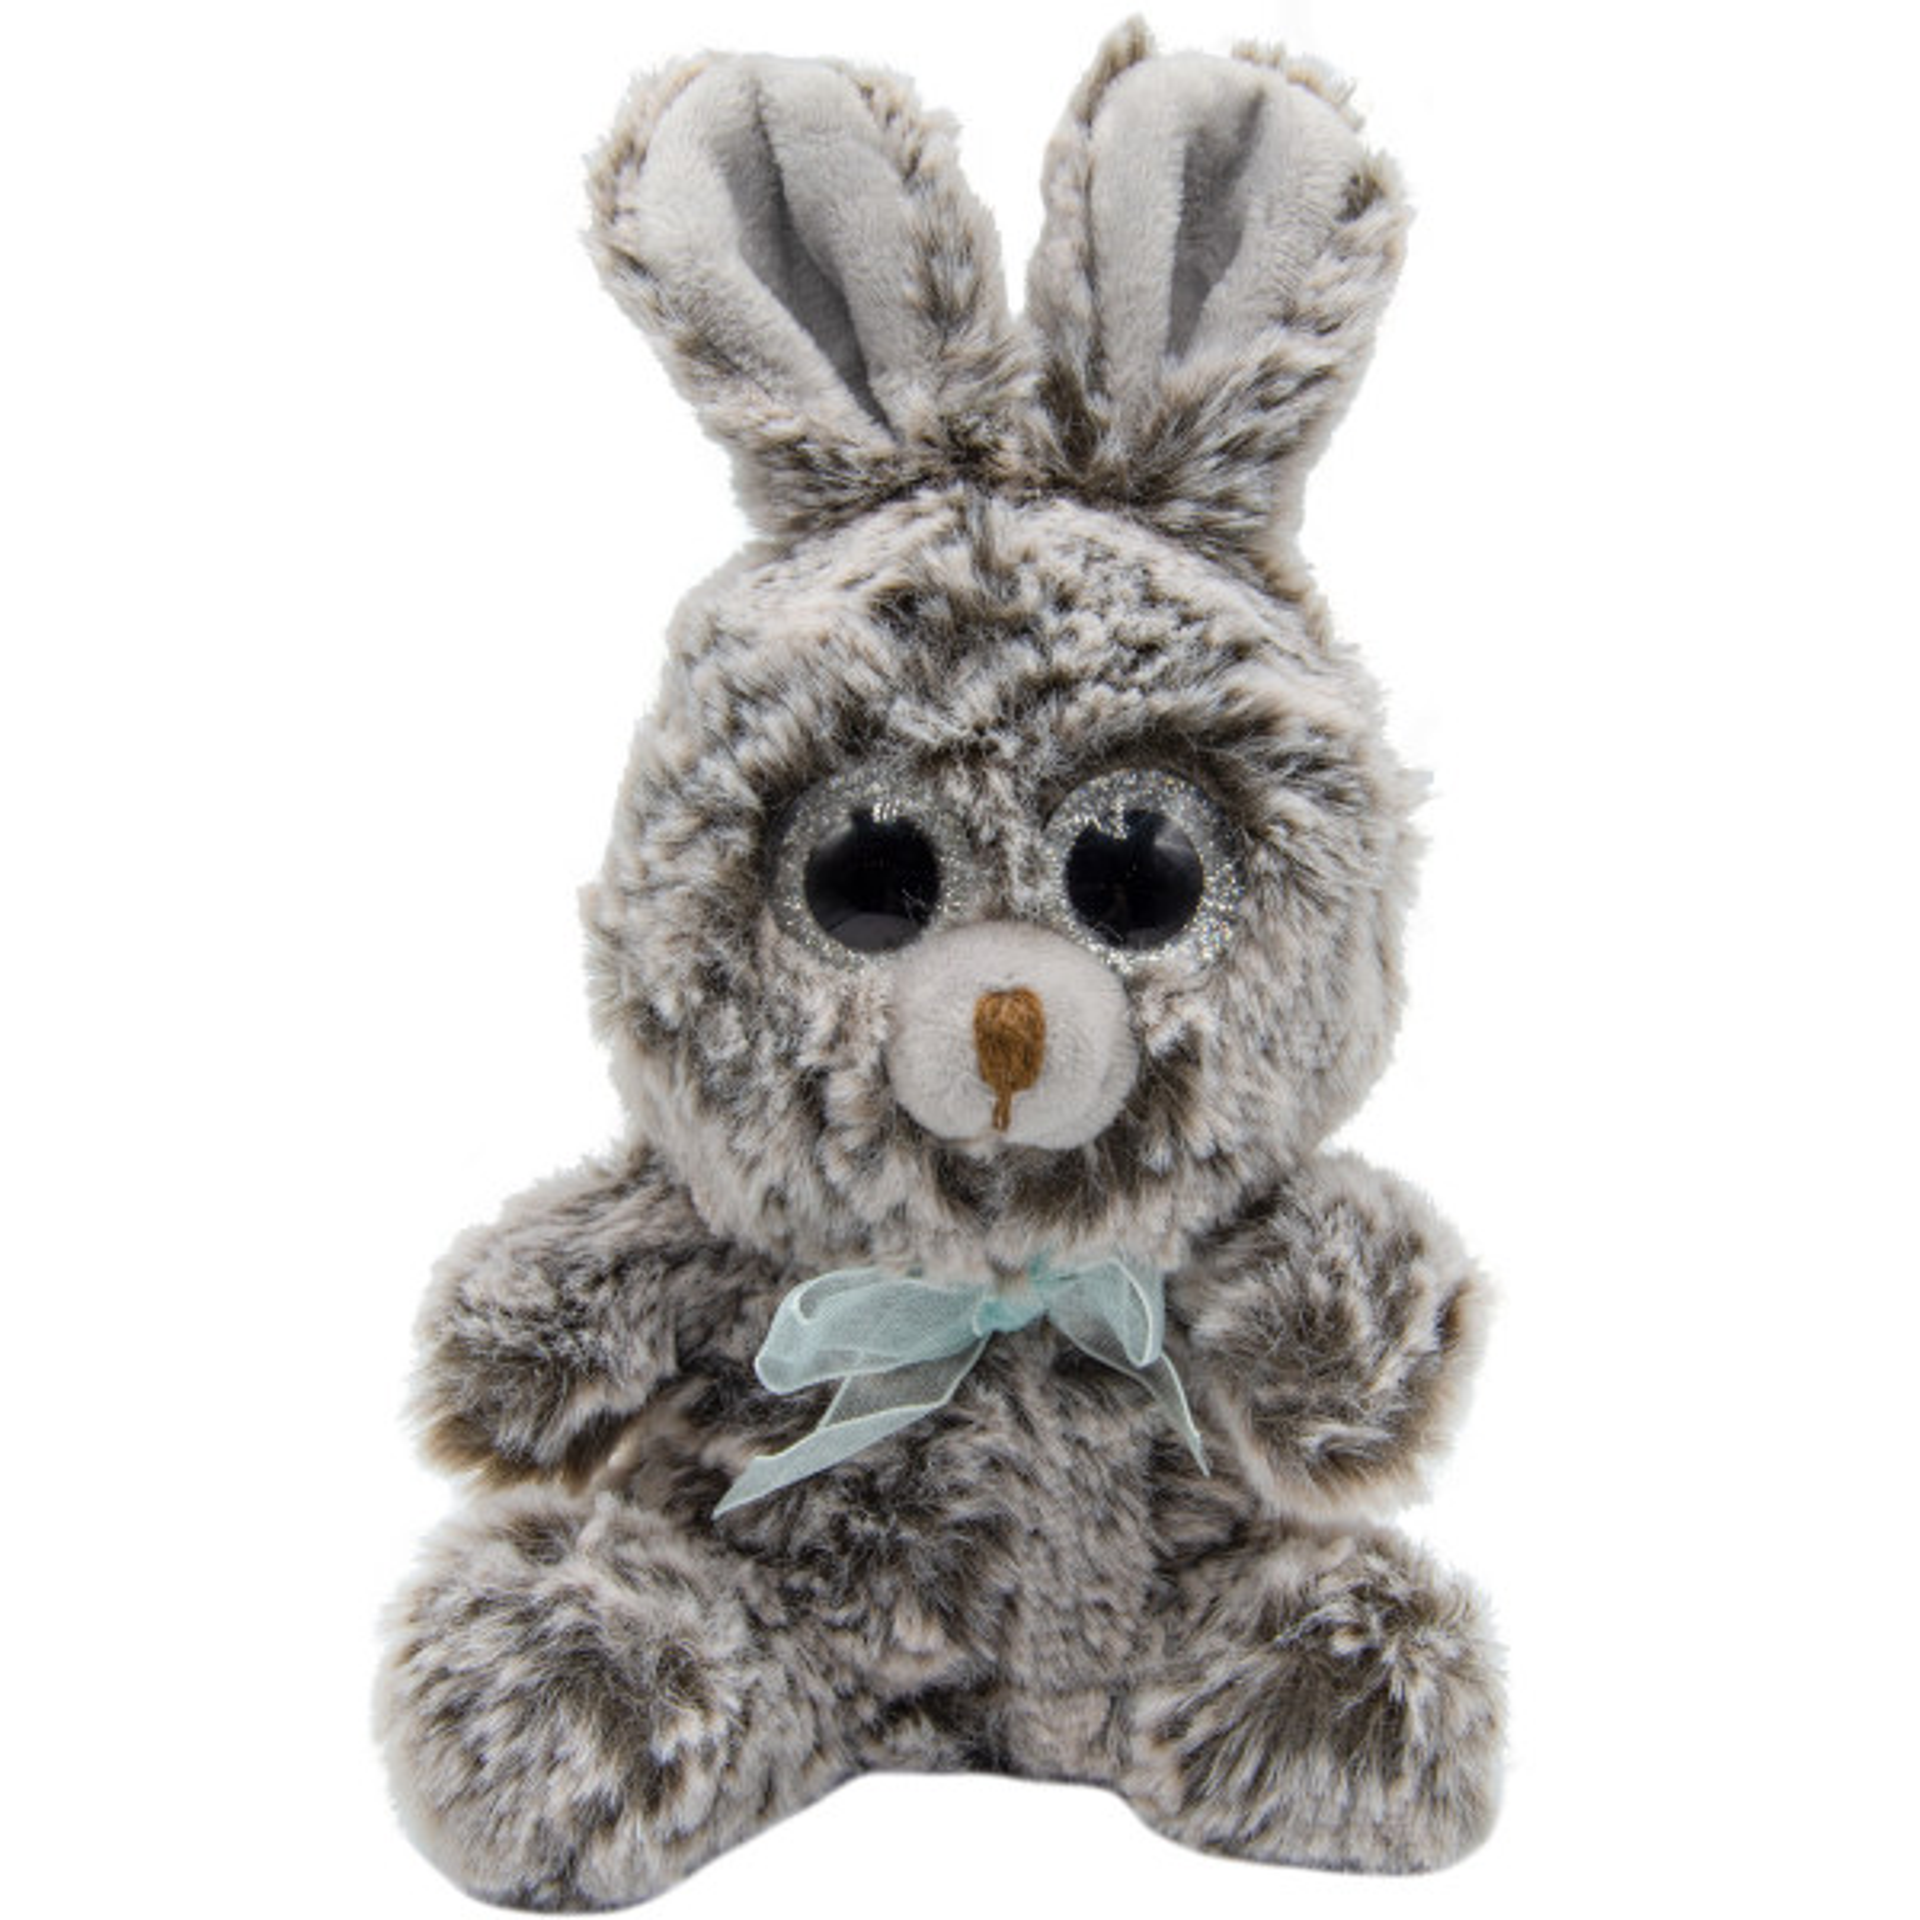 عروسک بی جی دالز طرح خرگوش چشم تیله ای ارتفاع 18 سانتی متر